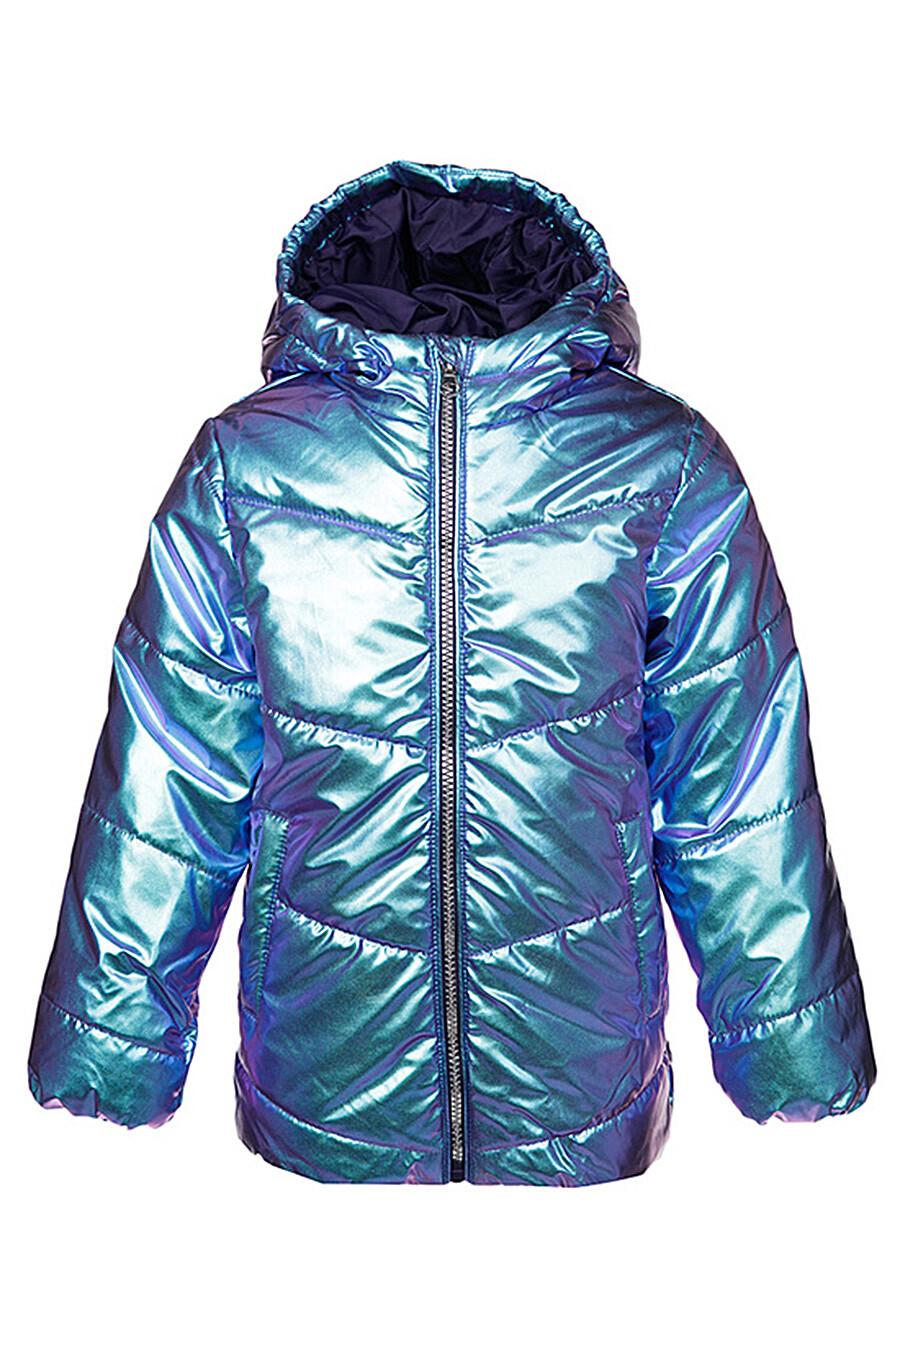 Куртка для девочек PLAYTODAY 289488 купить оптом от производителя. Совместная покупка детской одежды в OptMoyo